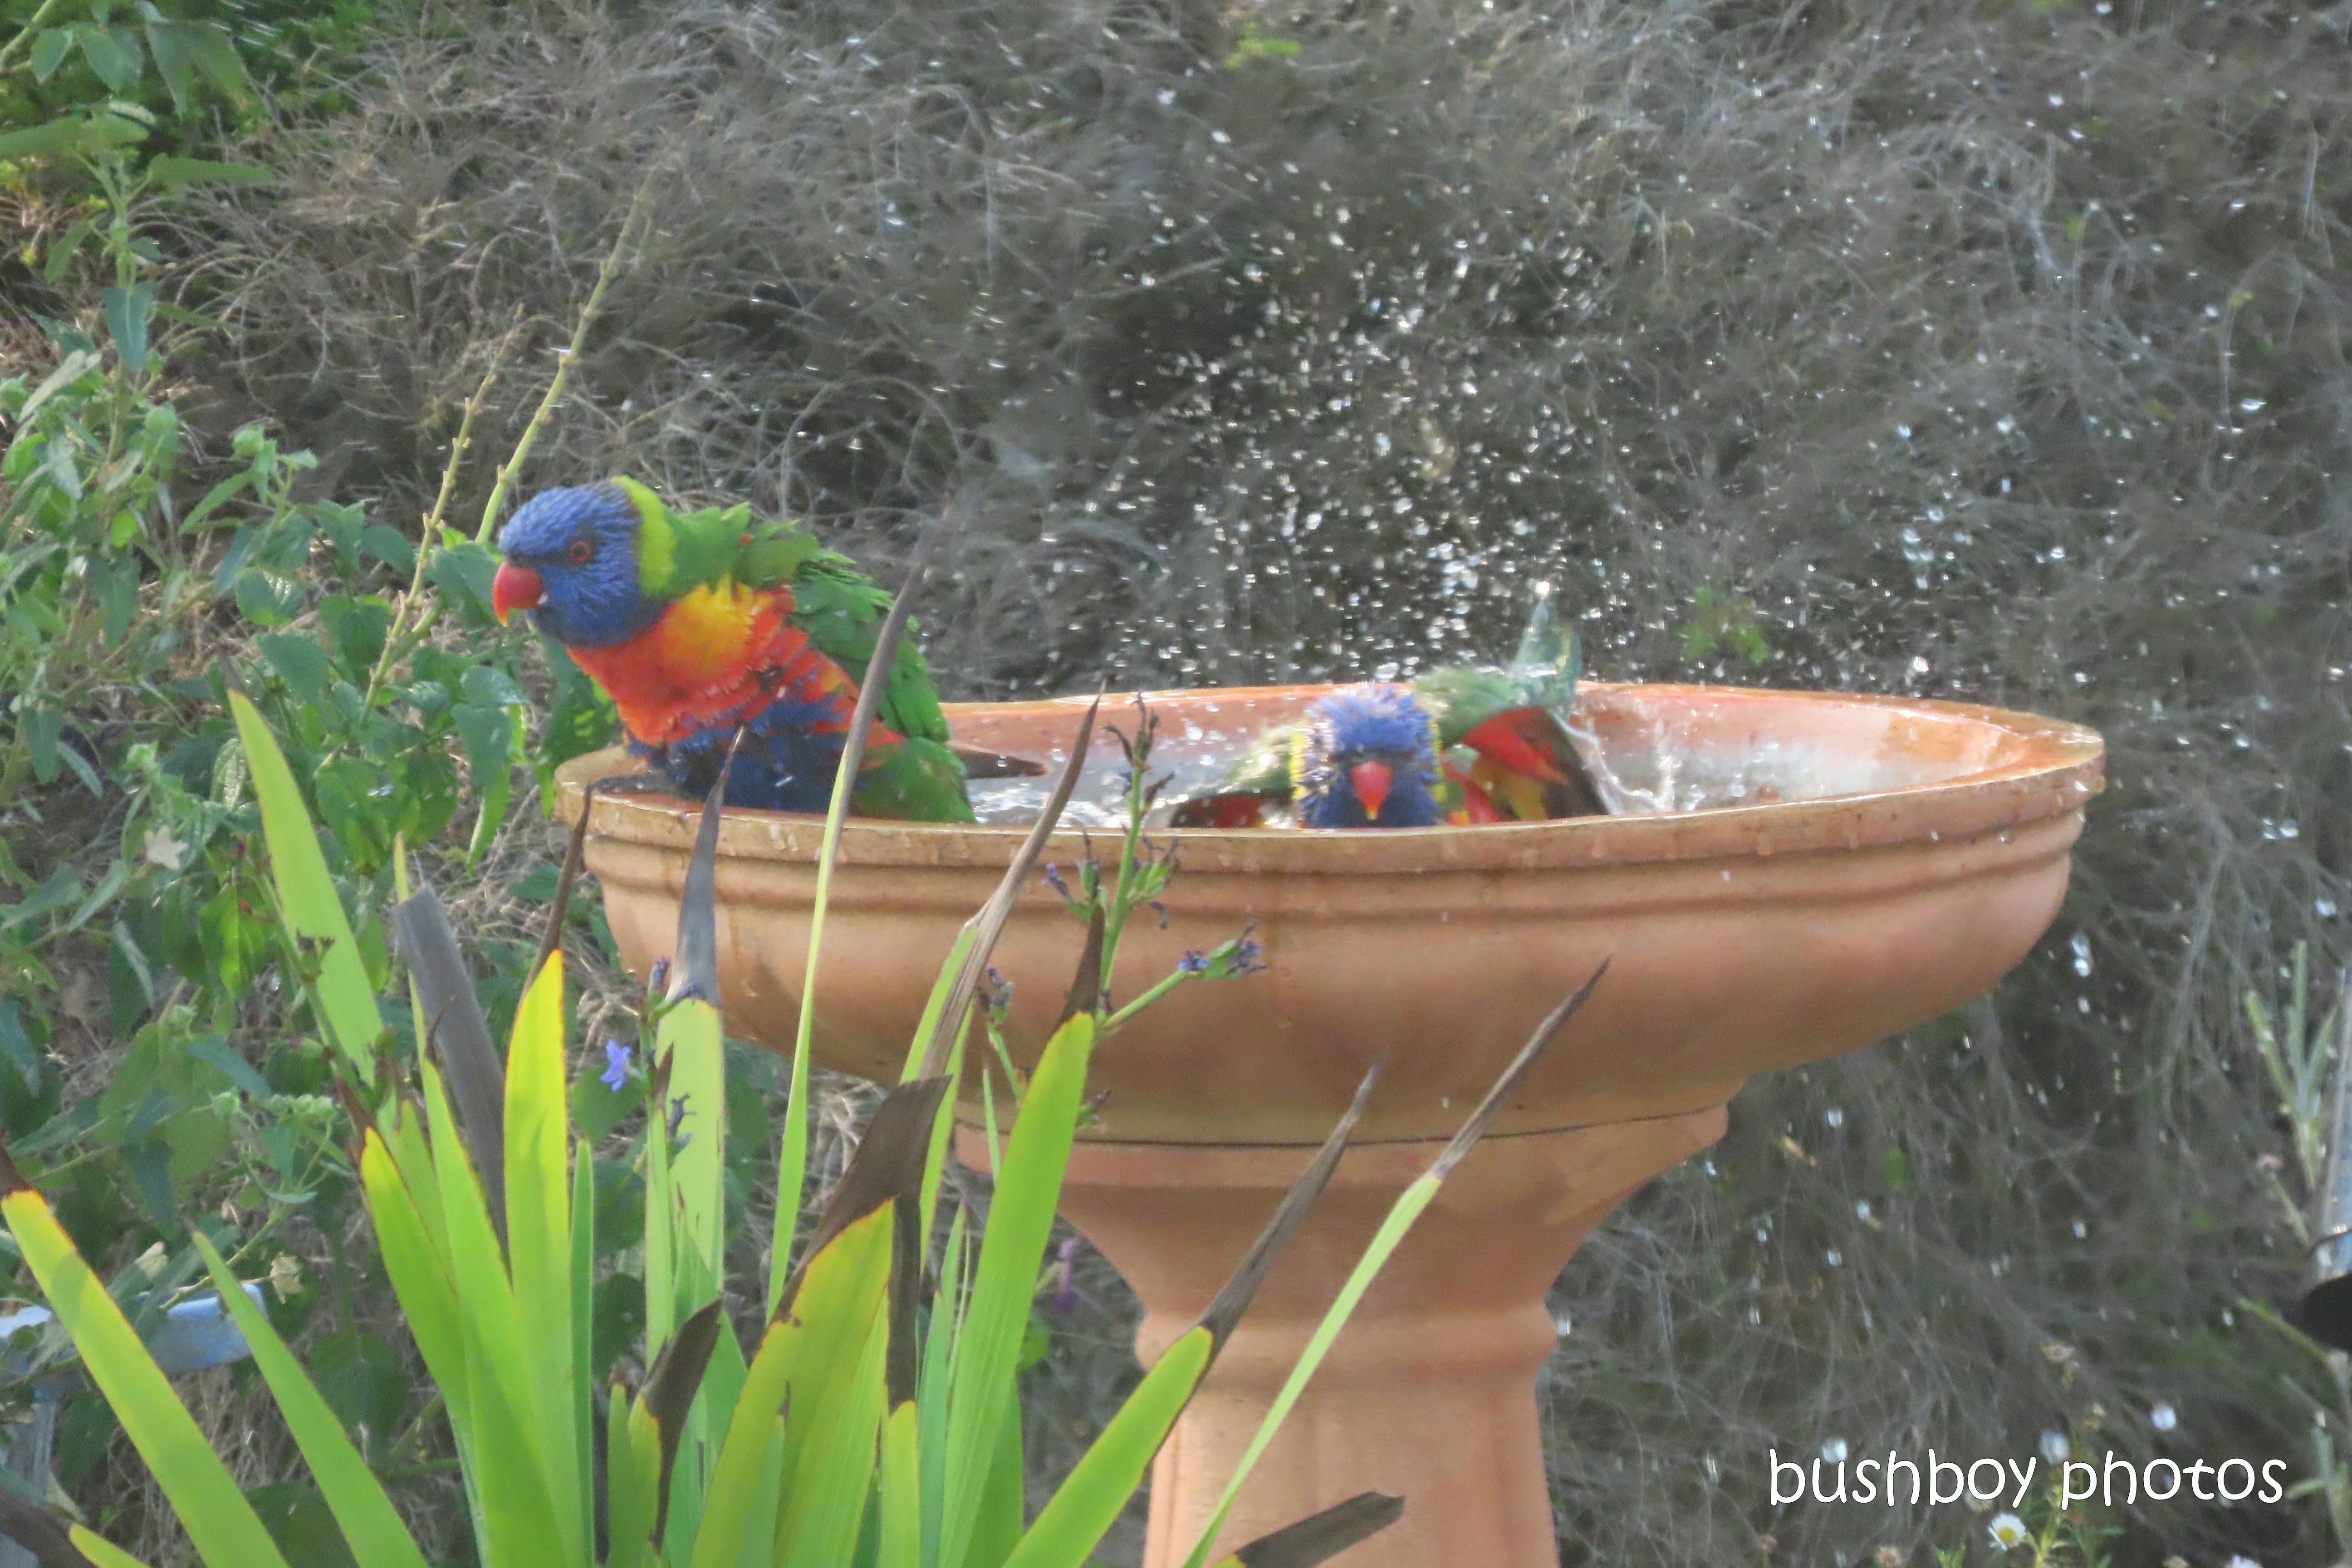 rainbow_lorikeets_bird_bath_fun_splash5_named_caniaba_oct 2019